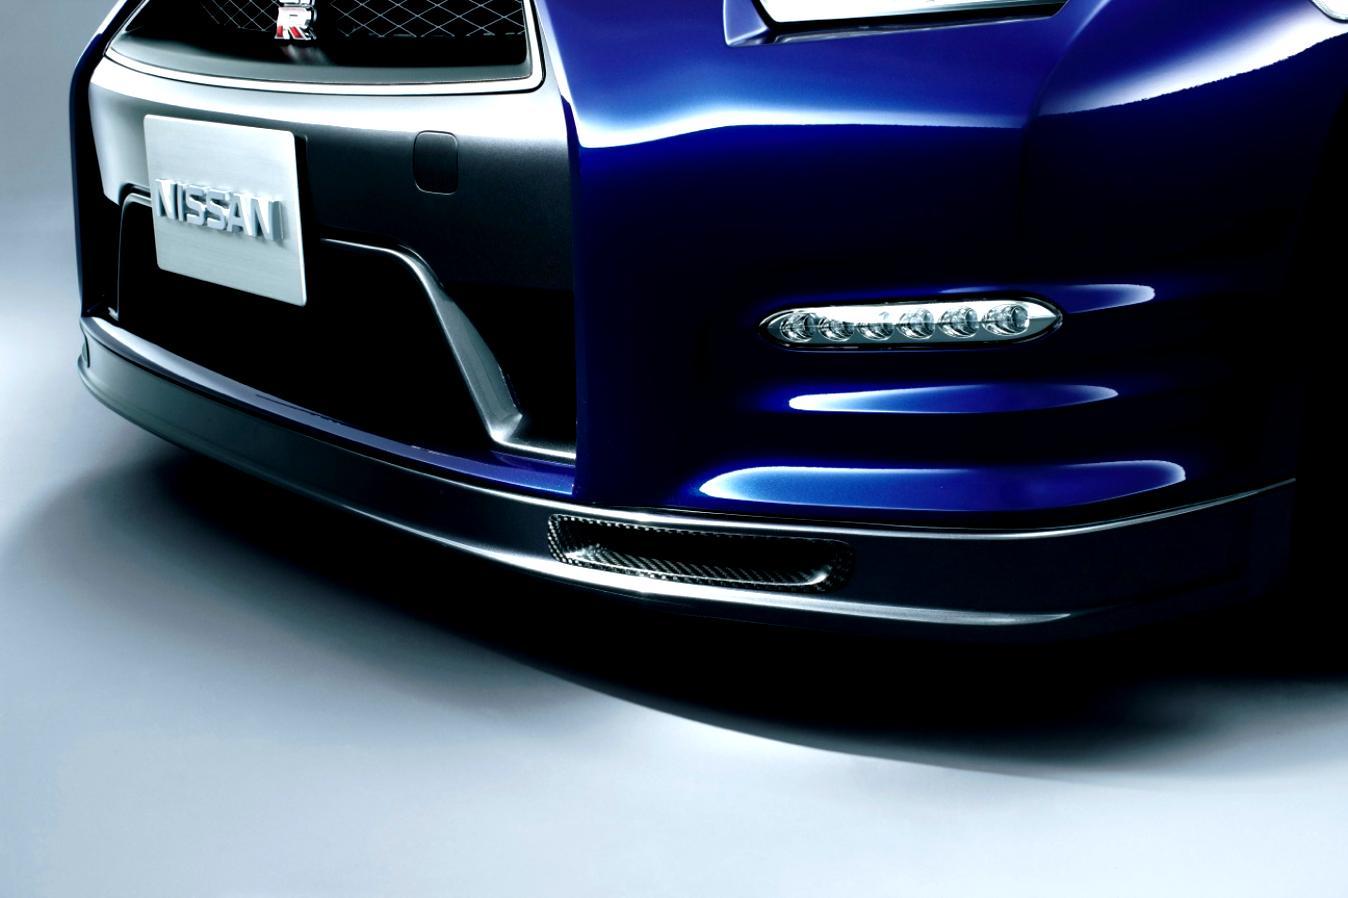 Nissan GT-R R35 - Facelift 2011 on MotoImg.com